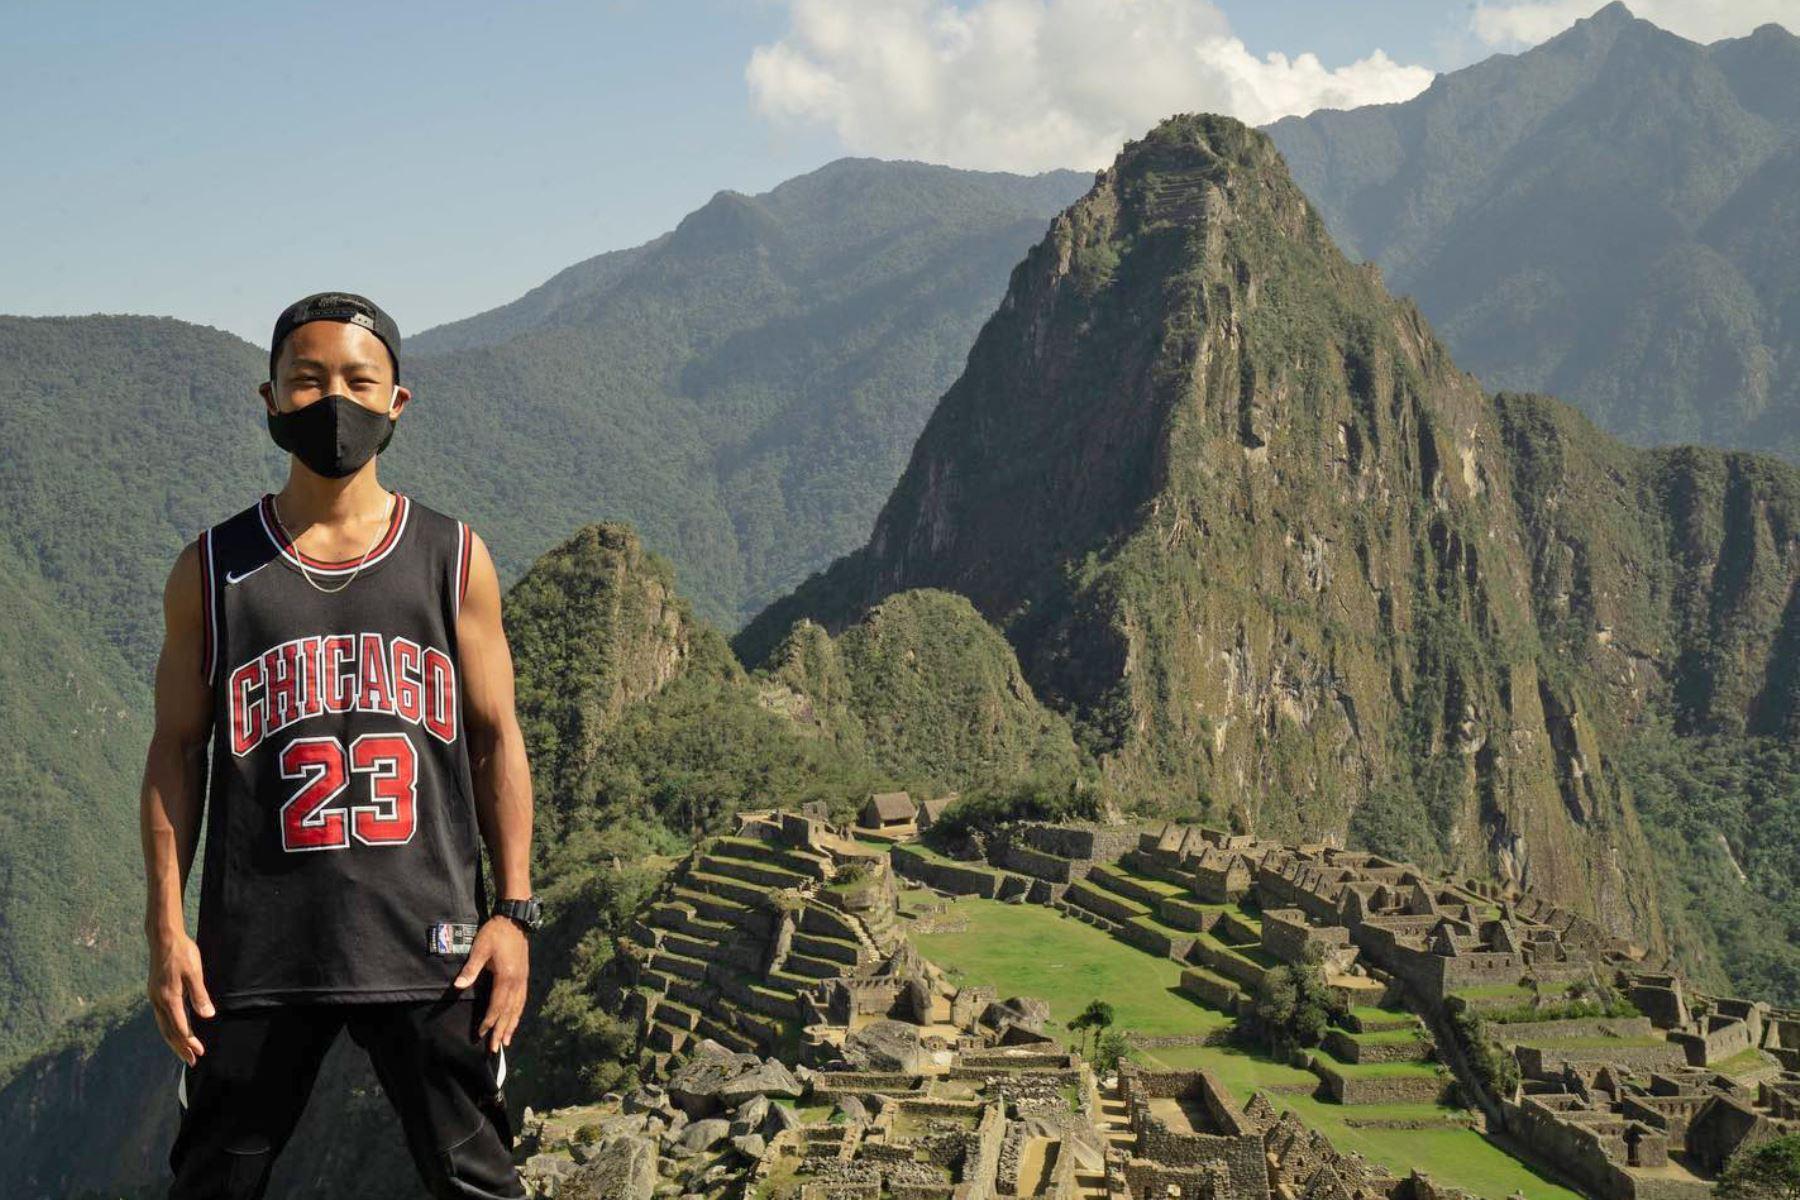 El japonés Jesse Katayama, instructor de boxeo de 26 años de edad, se haría conocido en el mundo por ser el único y primer turista en recorrer y contemplar la ciudadela Inca de Machu Picchu luego de anunciarse su reapertura tras siete meses de permanecer cerrada por la primera ola del virus. Foto: Cortesía/ Jesse Katayama